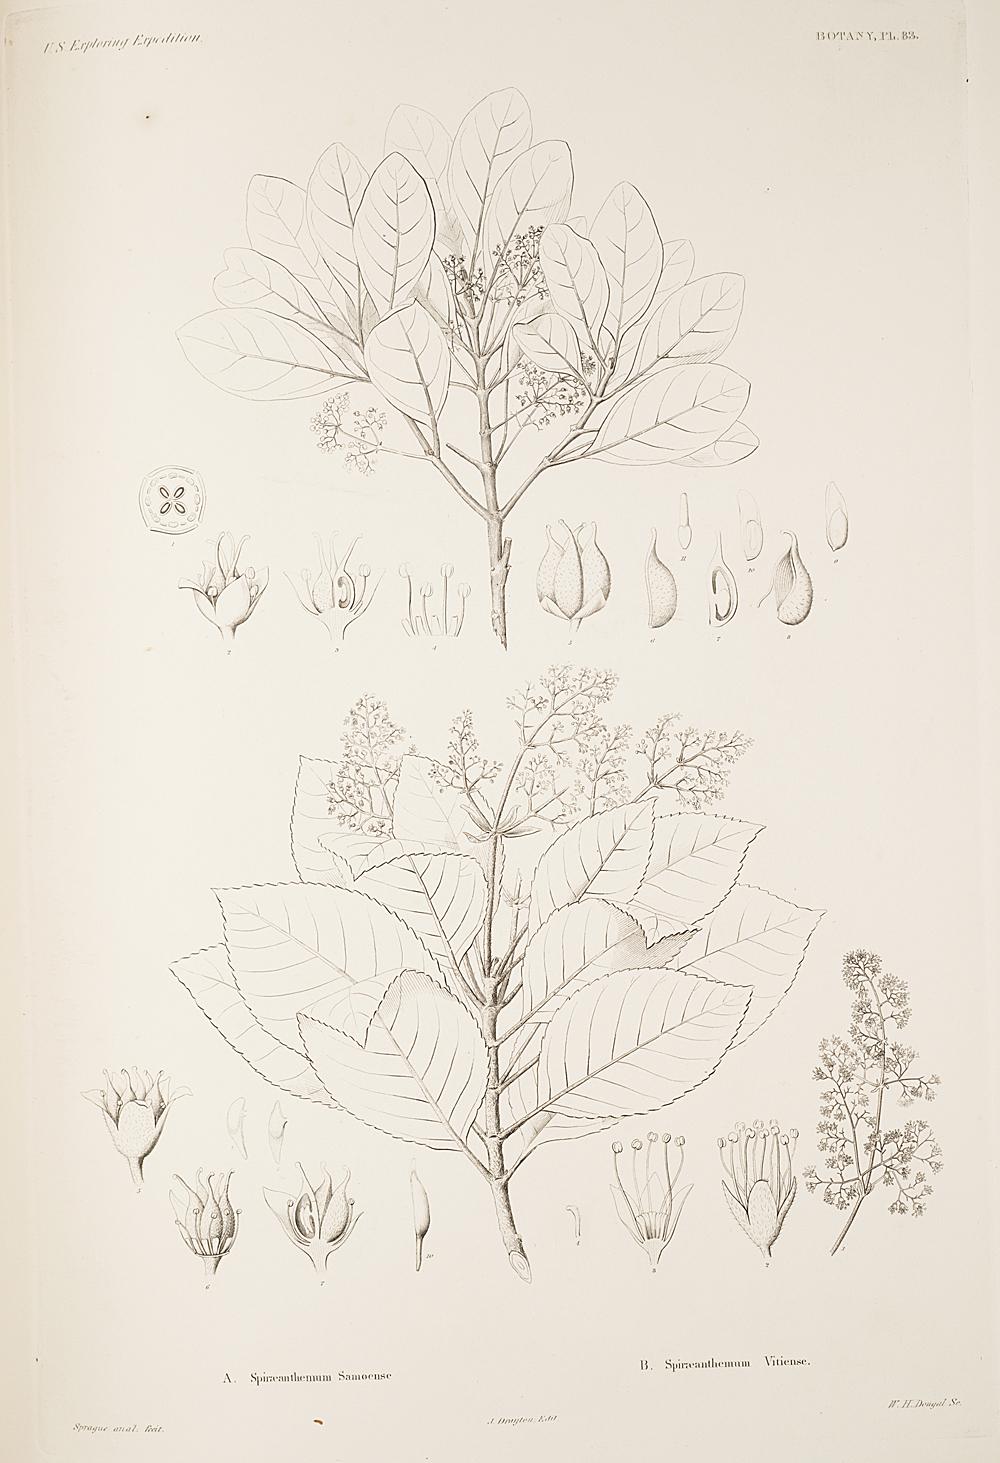 Botany, Pl. 83,  Image number:sil19-23-177b